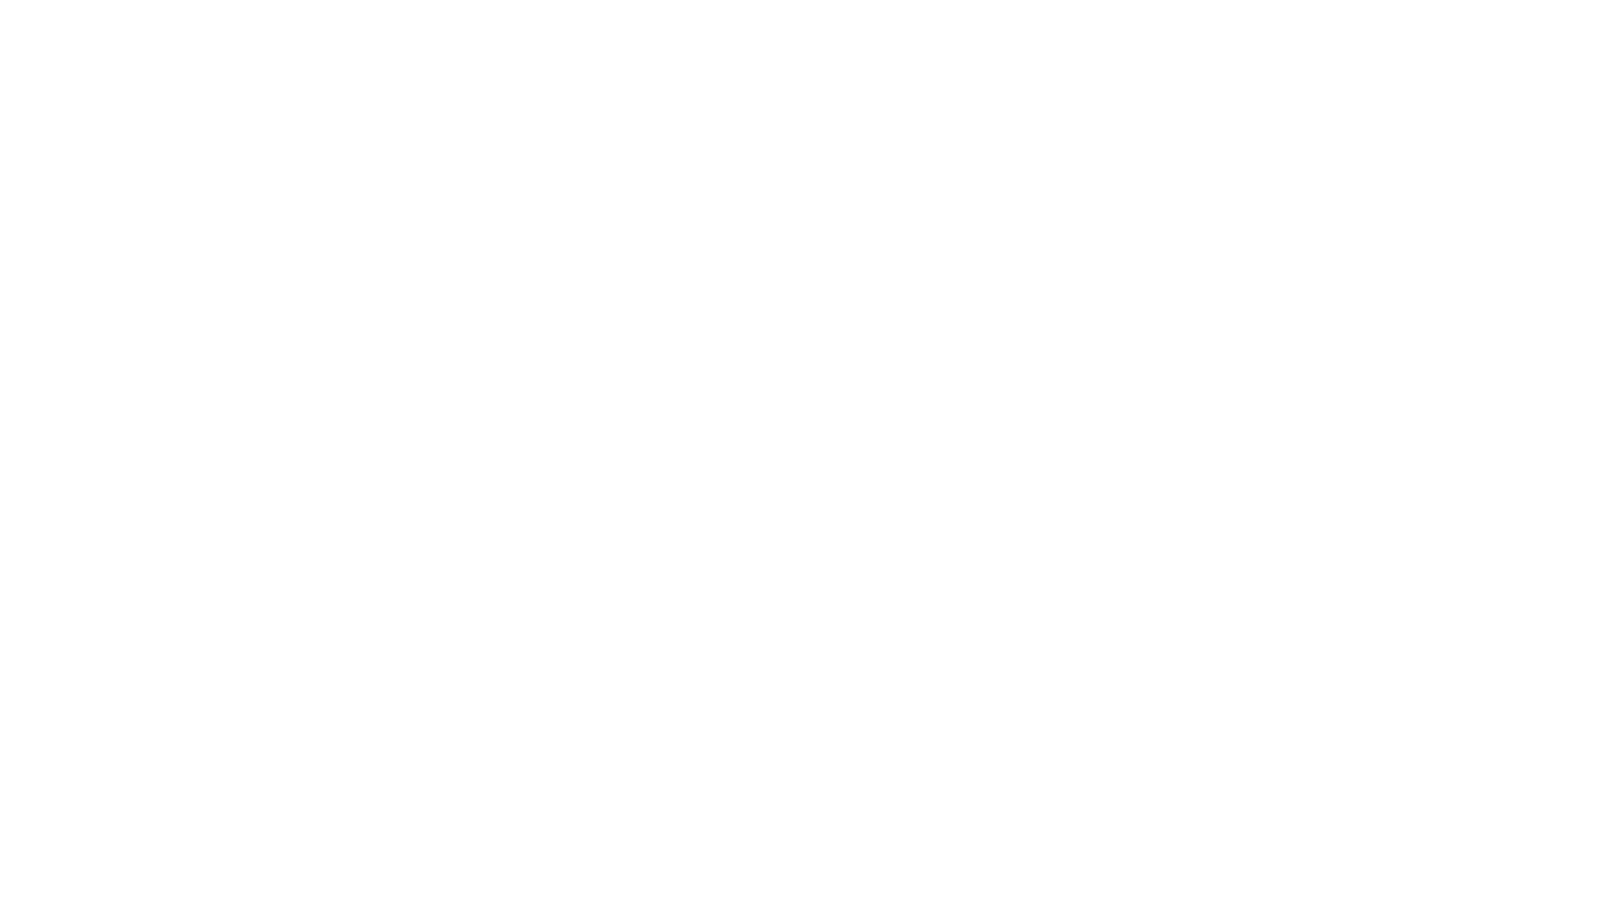 Los autores de 'El cuaderno del dragón del cambio' y 'Dislexia', respectivamente, en 'La tarde con Marina'.